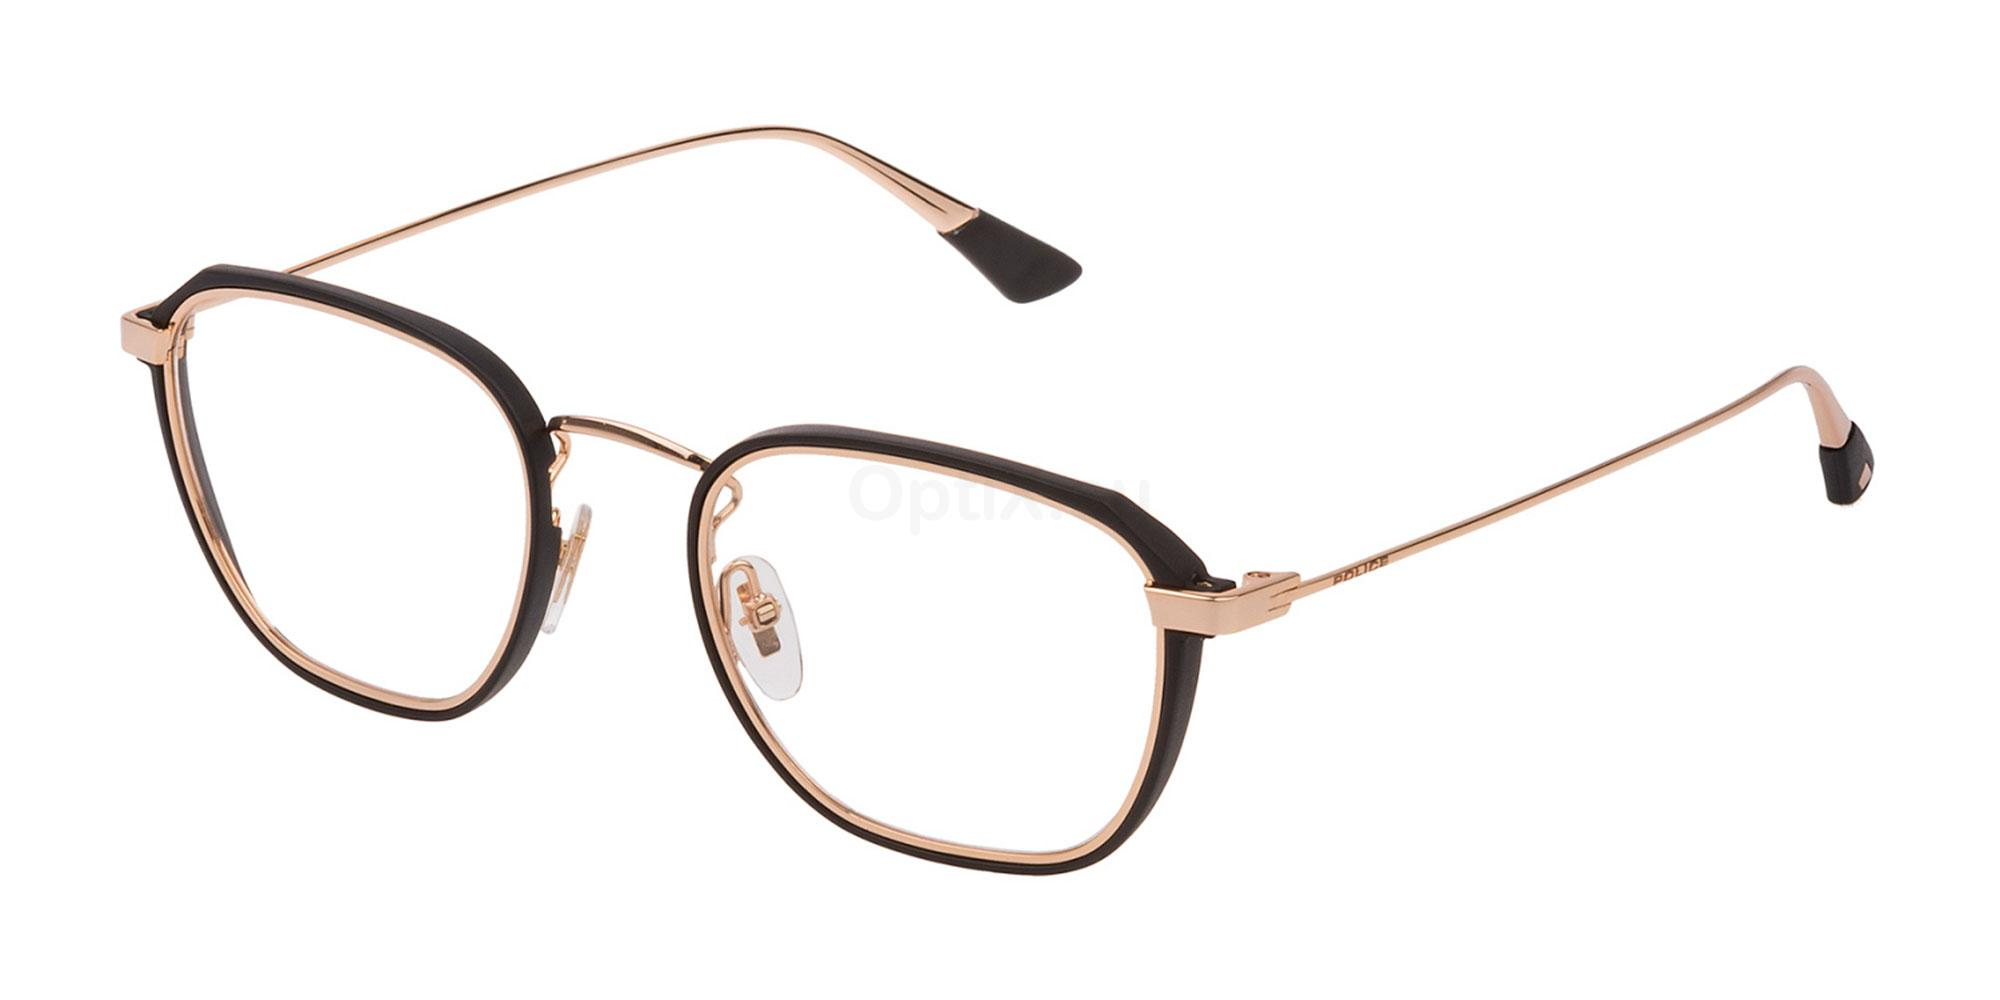 0300 VPL802 Glasses, Police